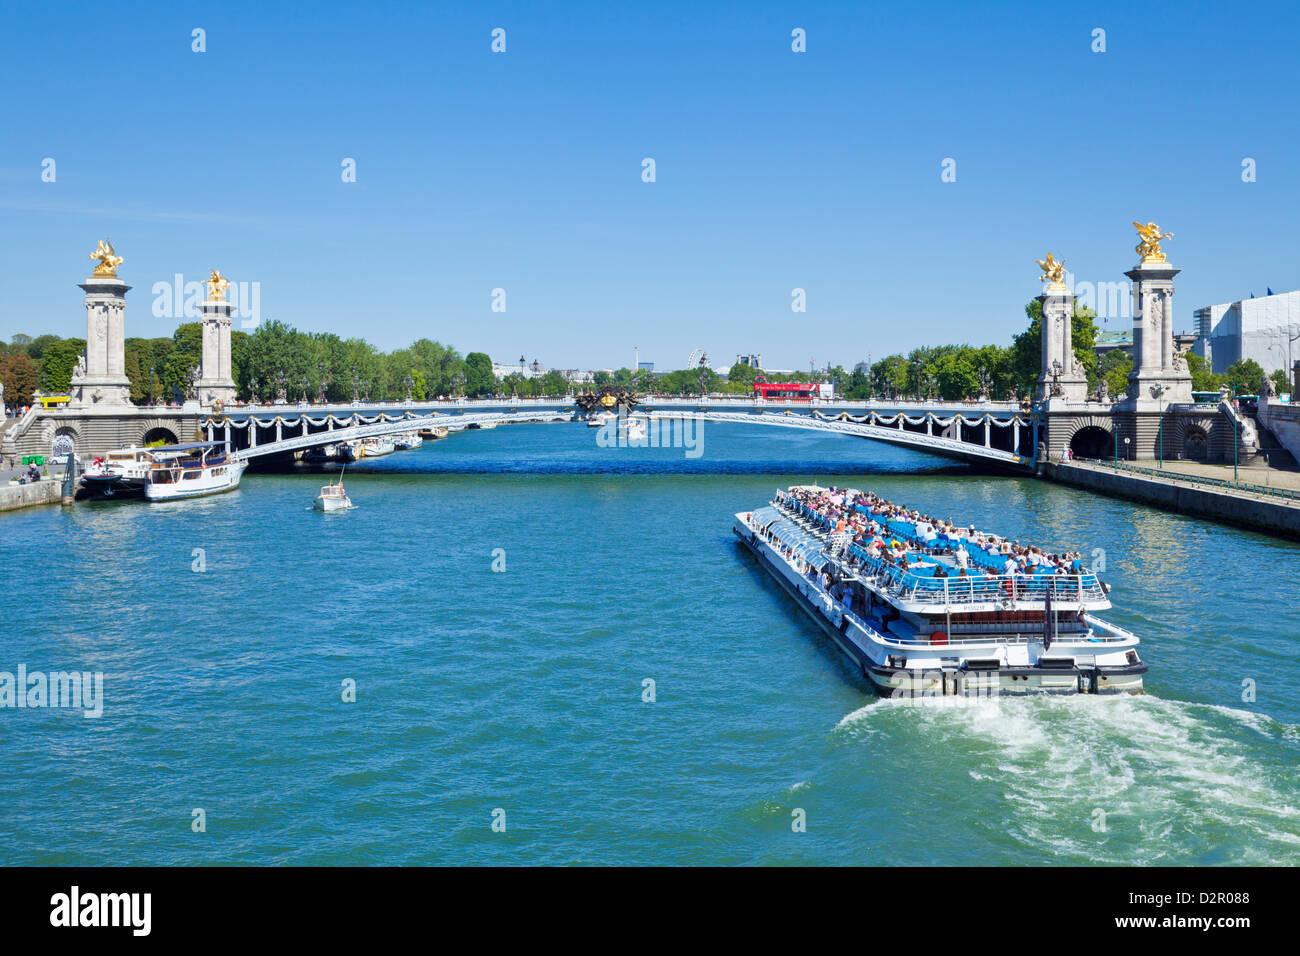 Bateau Croisière sur la Seine, Bateaux Mouches et le Pont Pont Alexandre III, Paris, France, Europe Photo Stock